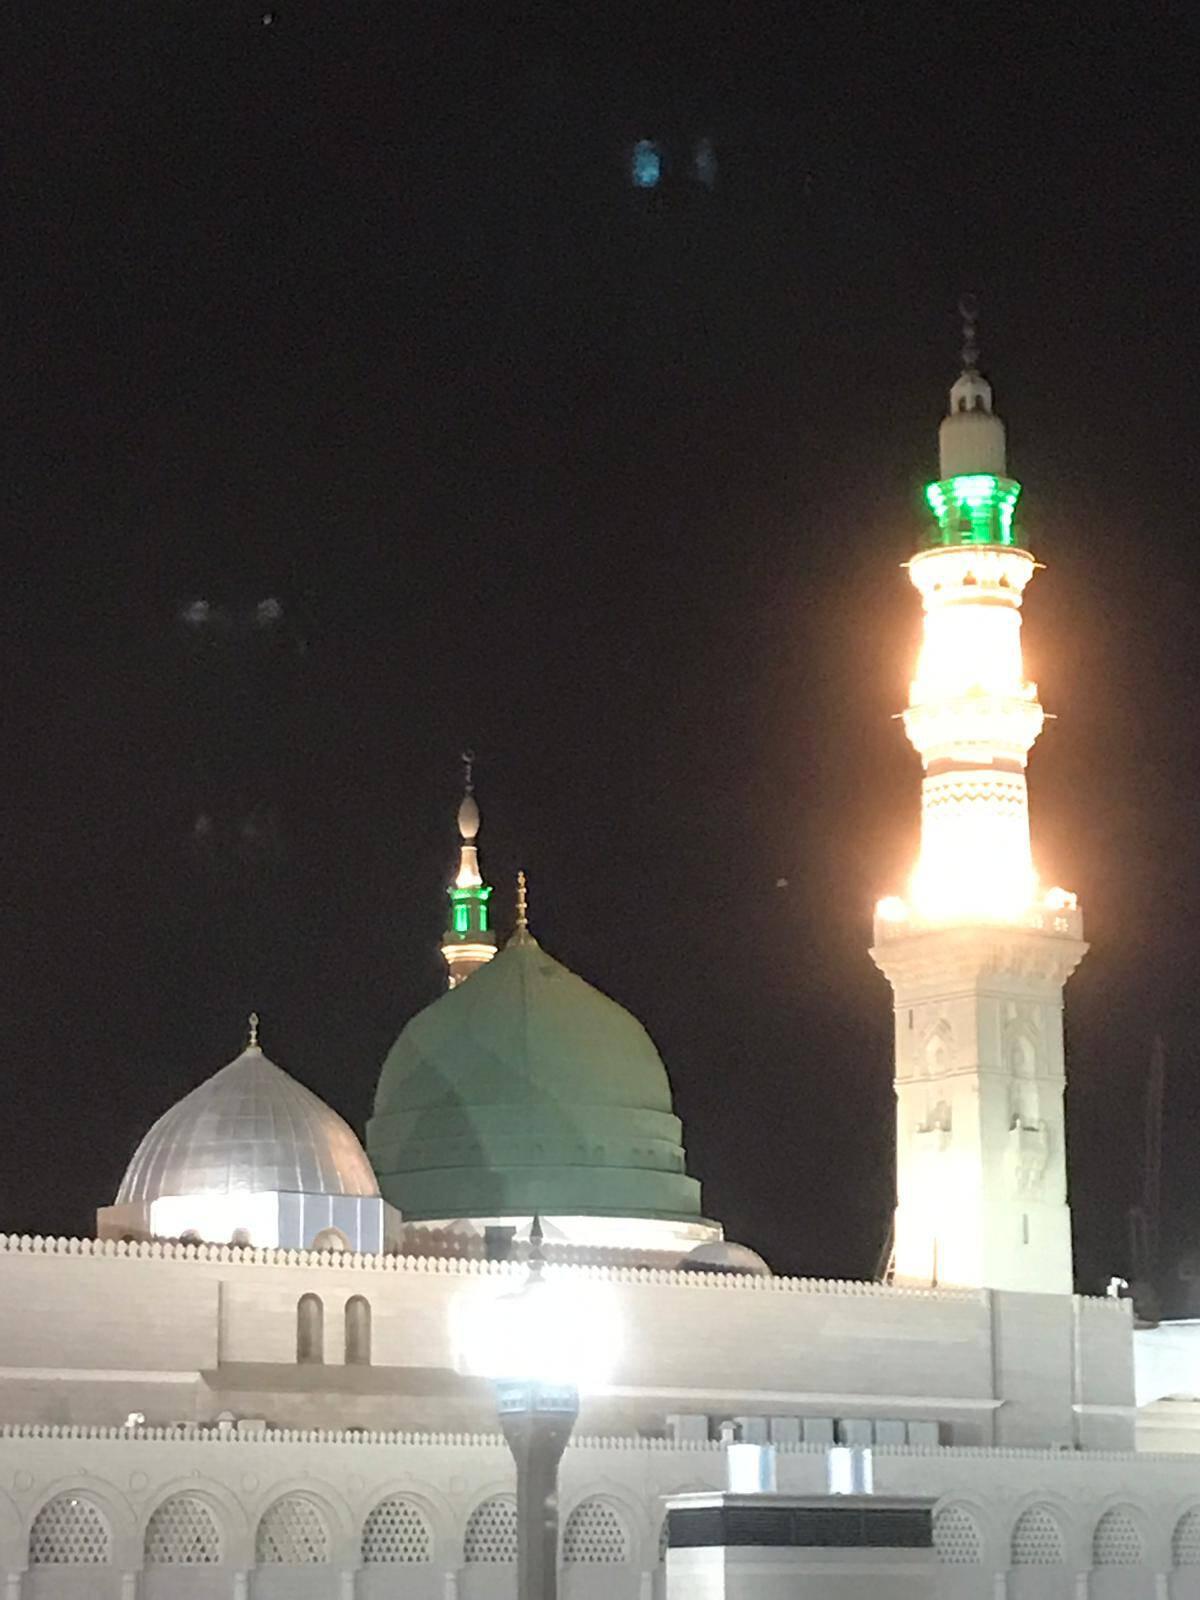 Hajj reflections 9 - Madinah